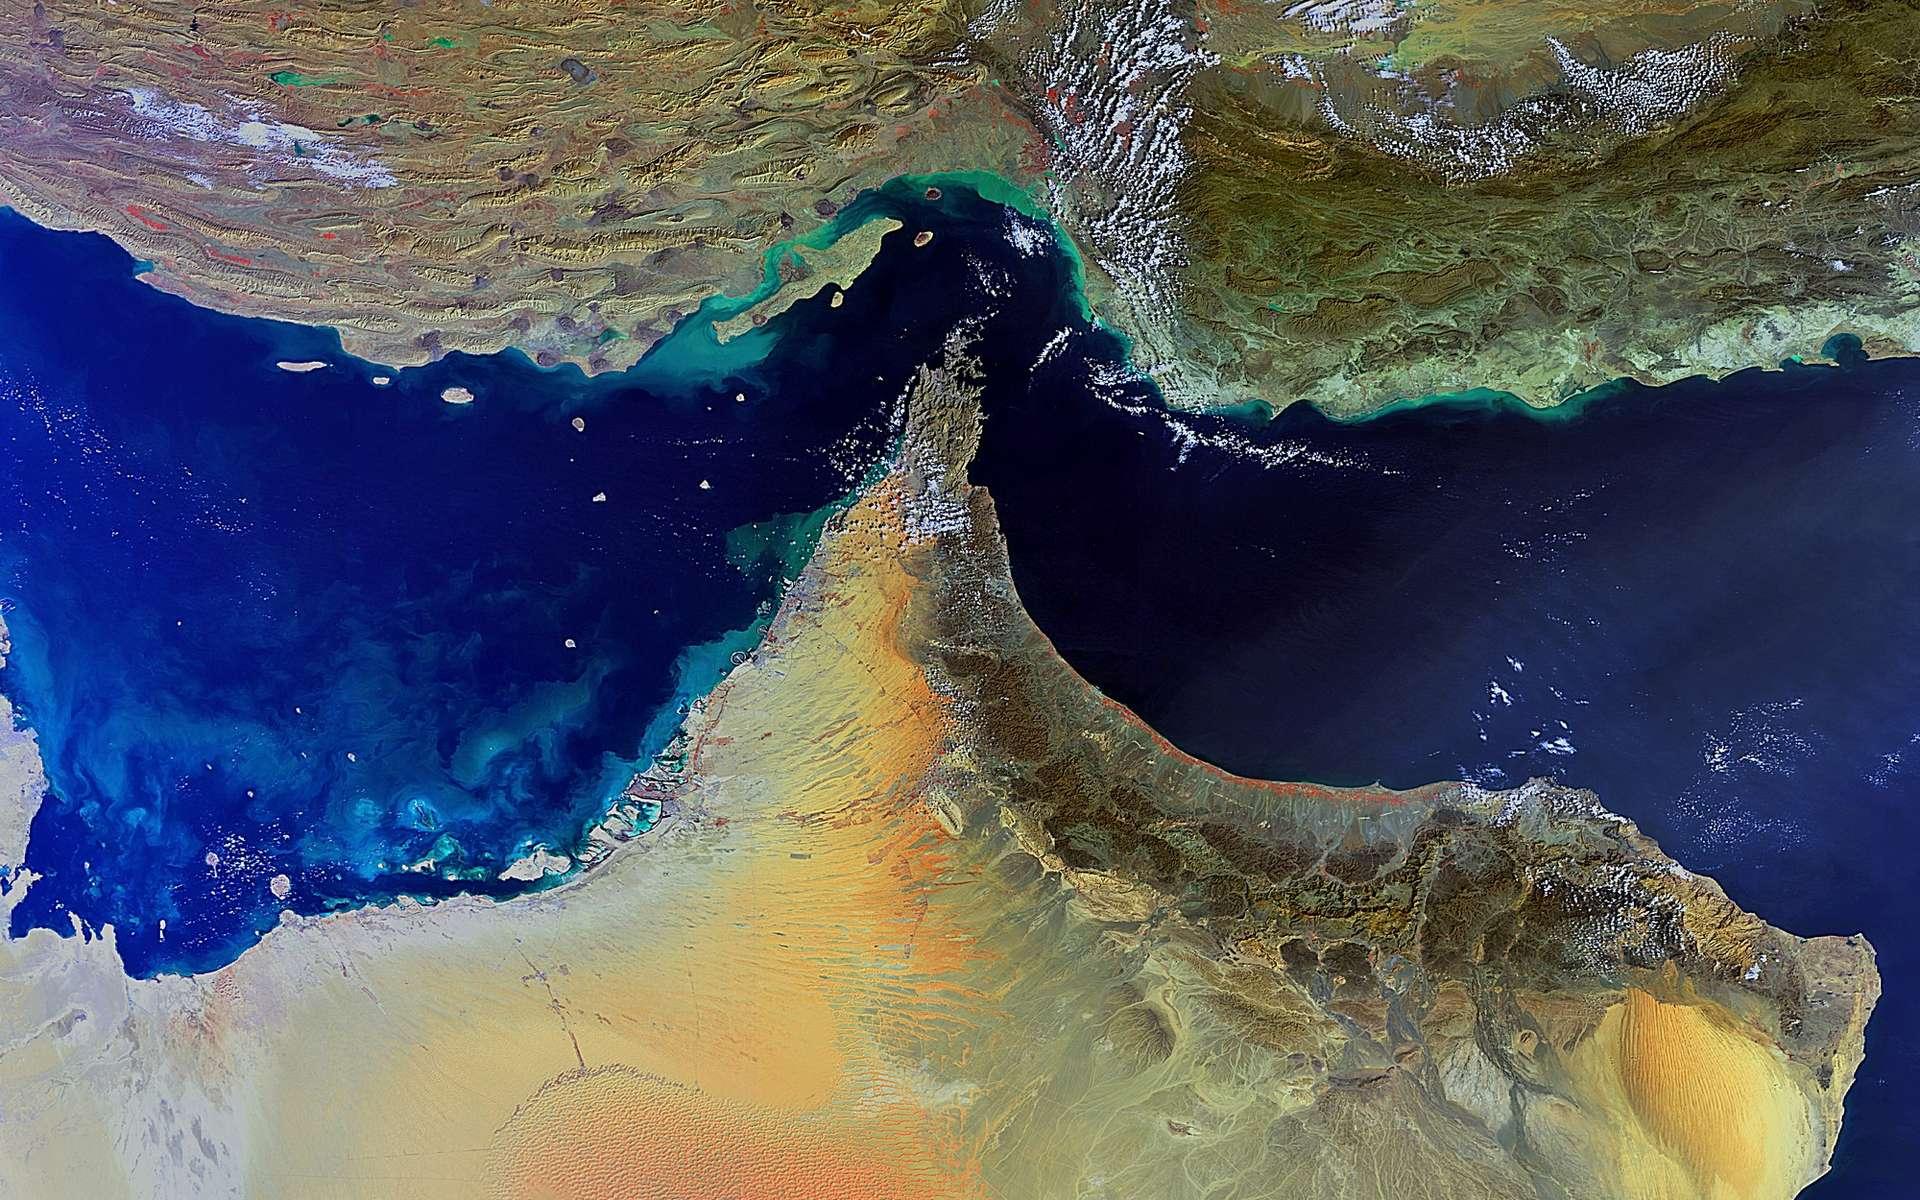 Cette image a été prise le 4 février par la caméra Meris (Medium Resolution Imaging Spectrometer) d'Envisat, avec une résolution au sol de 300 mètres. © Esa